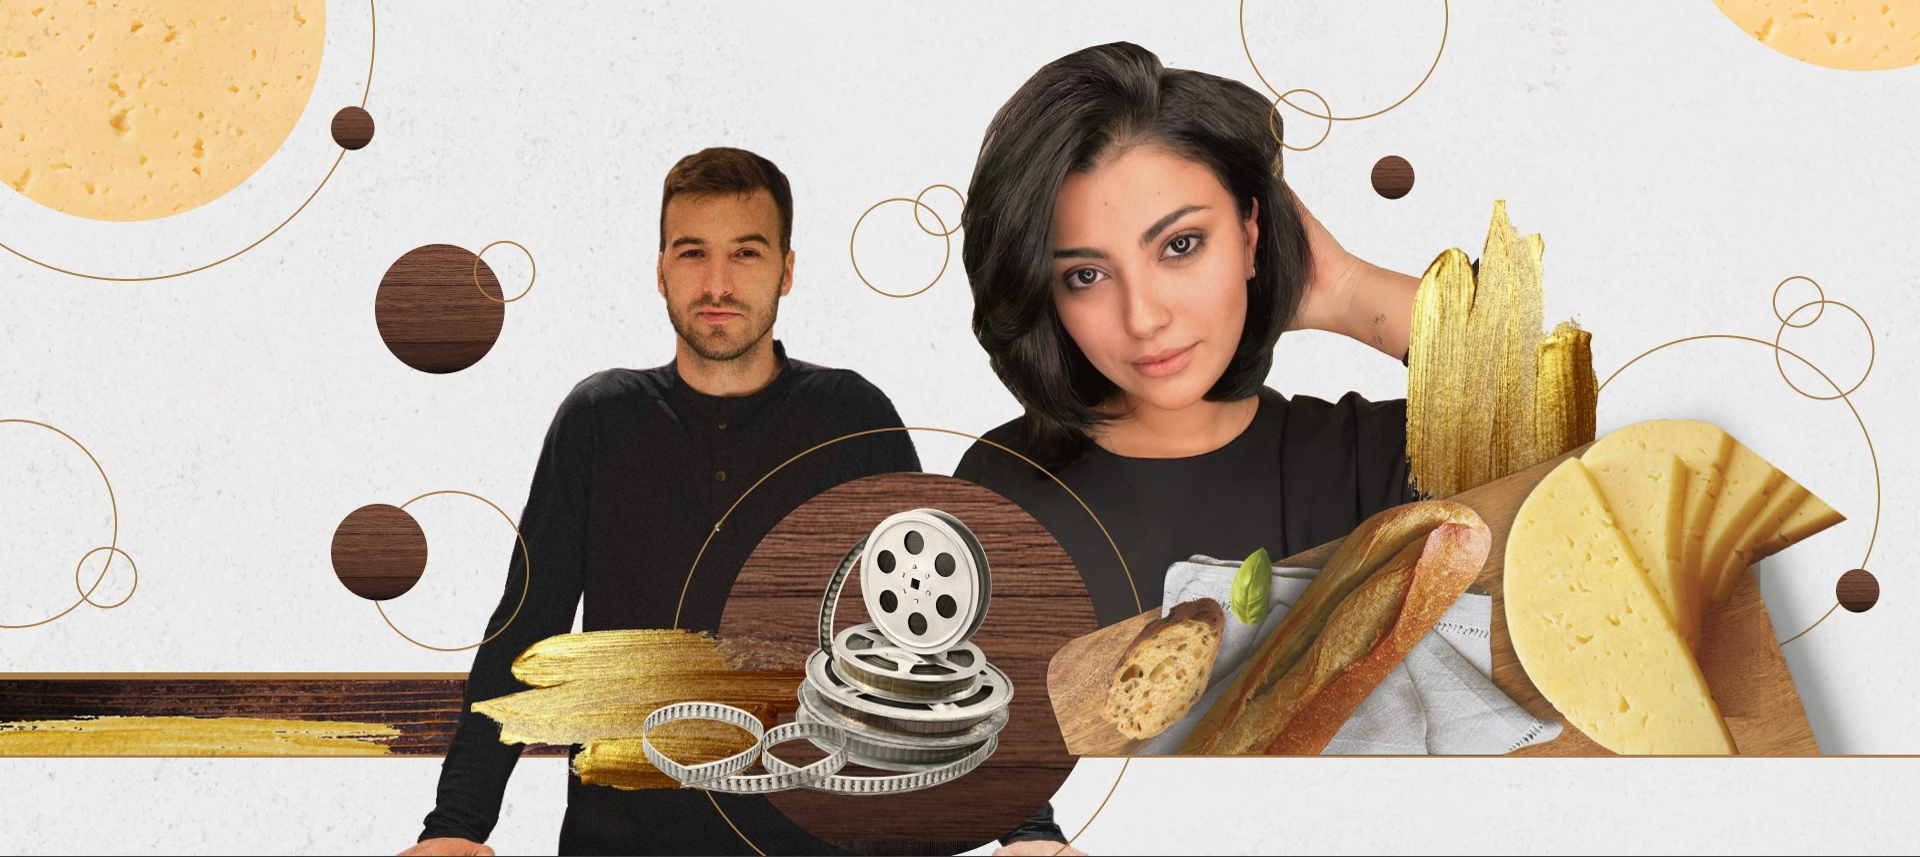 Жить со вкусом: Простые рецепты получать удовольствие от жизни